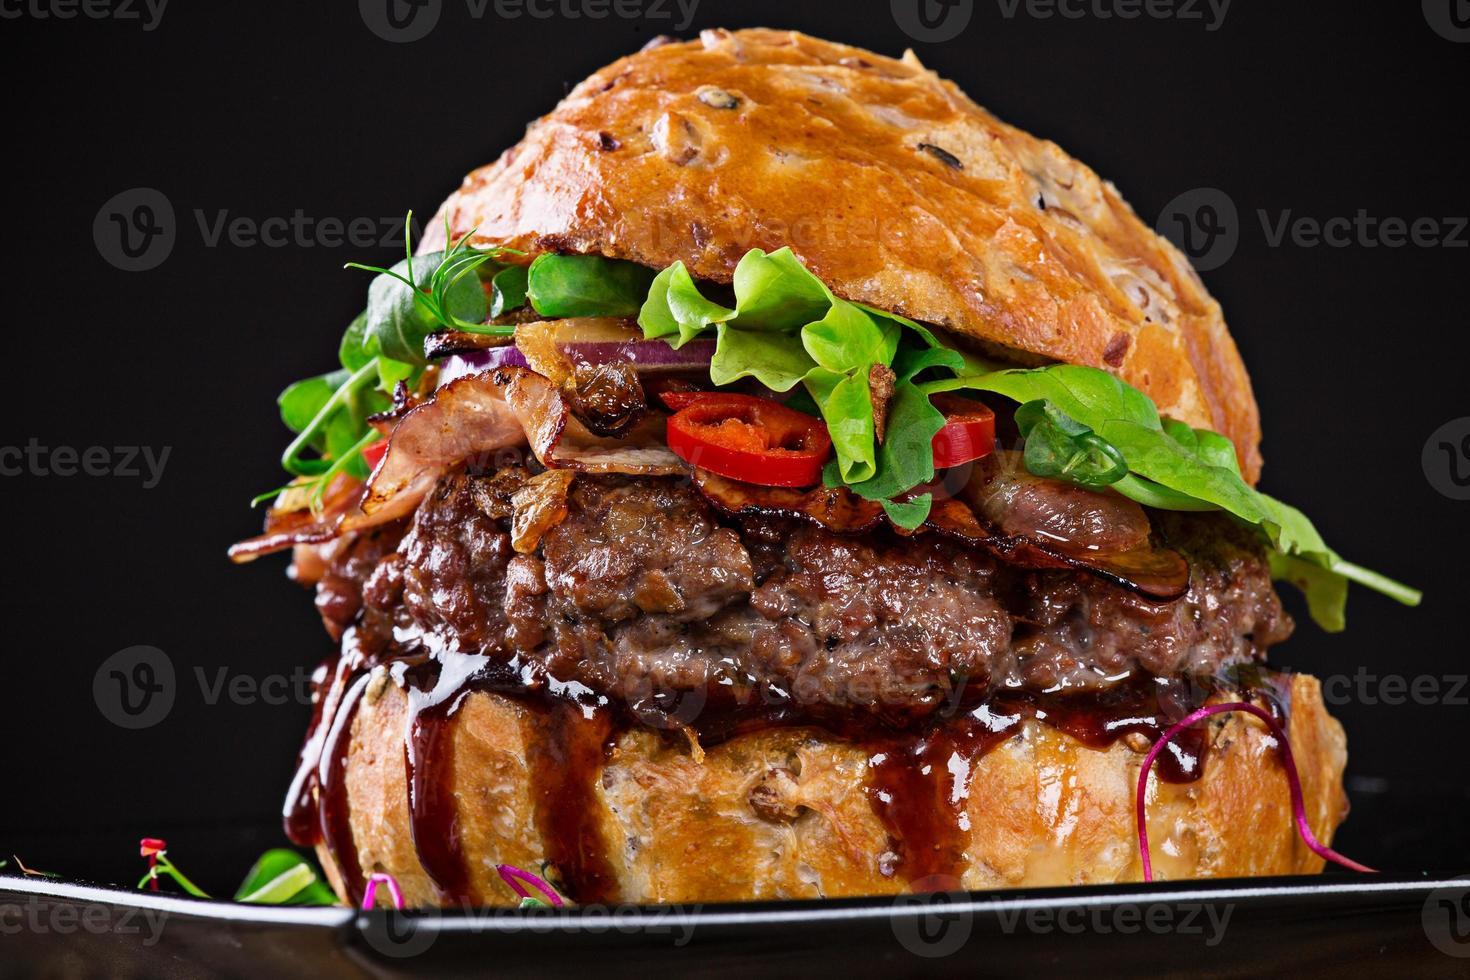 läcker hamburgare på mörk bakgrund foto